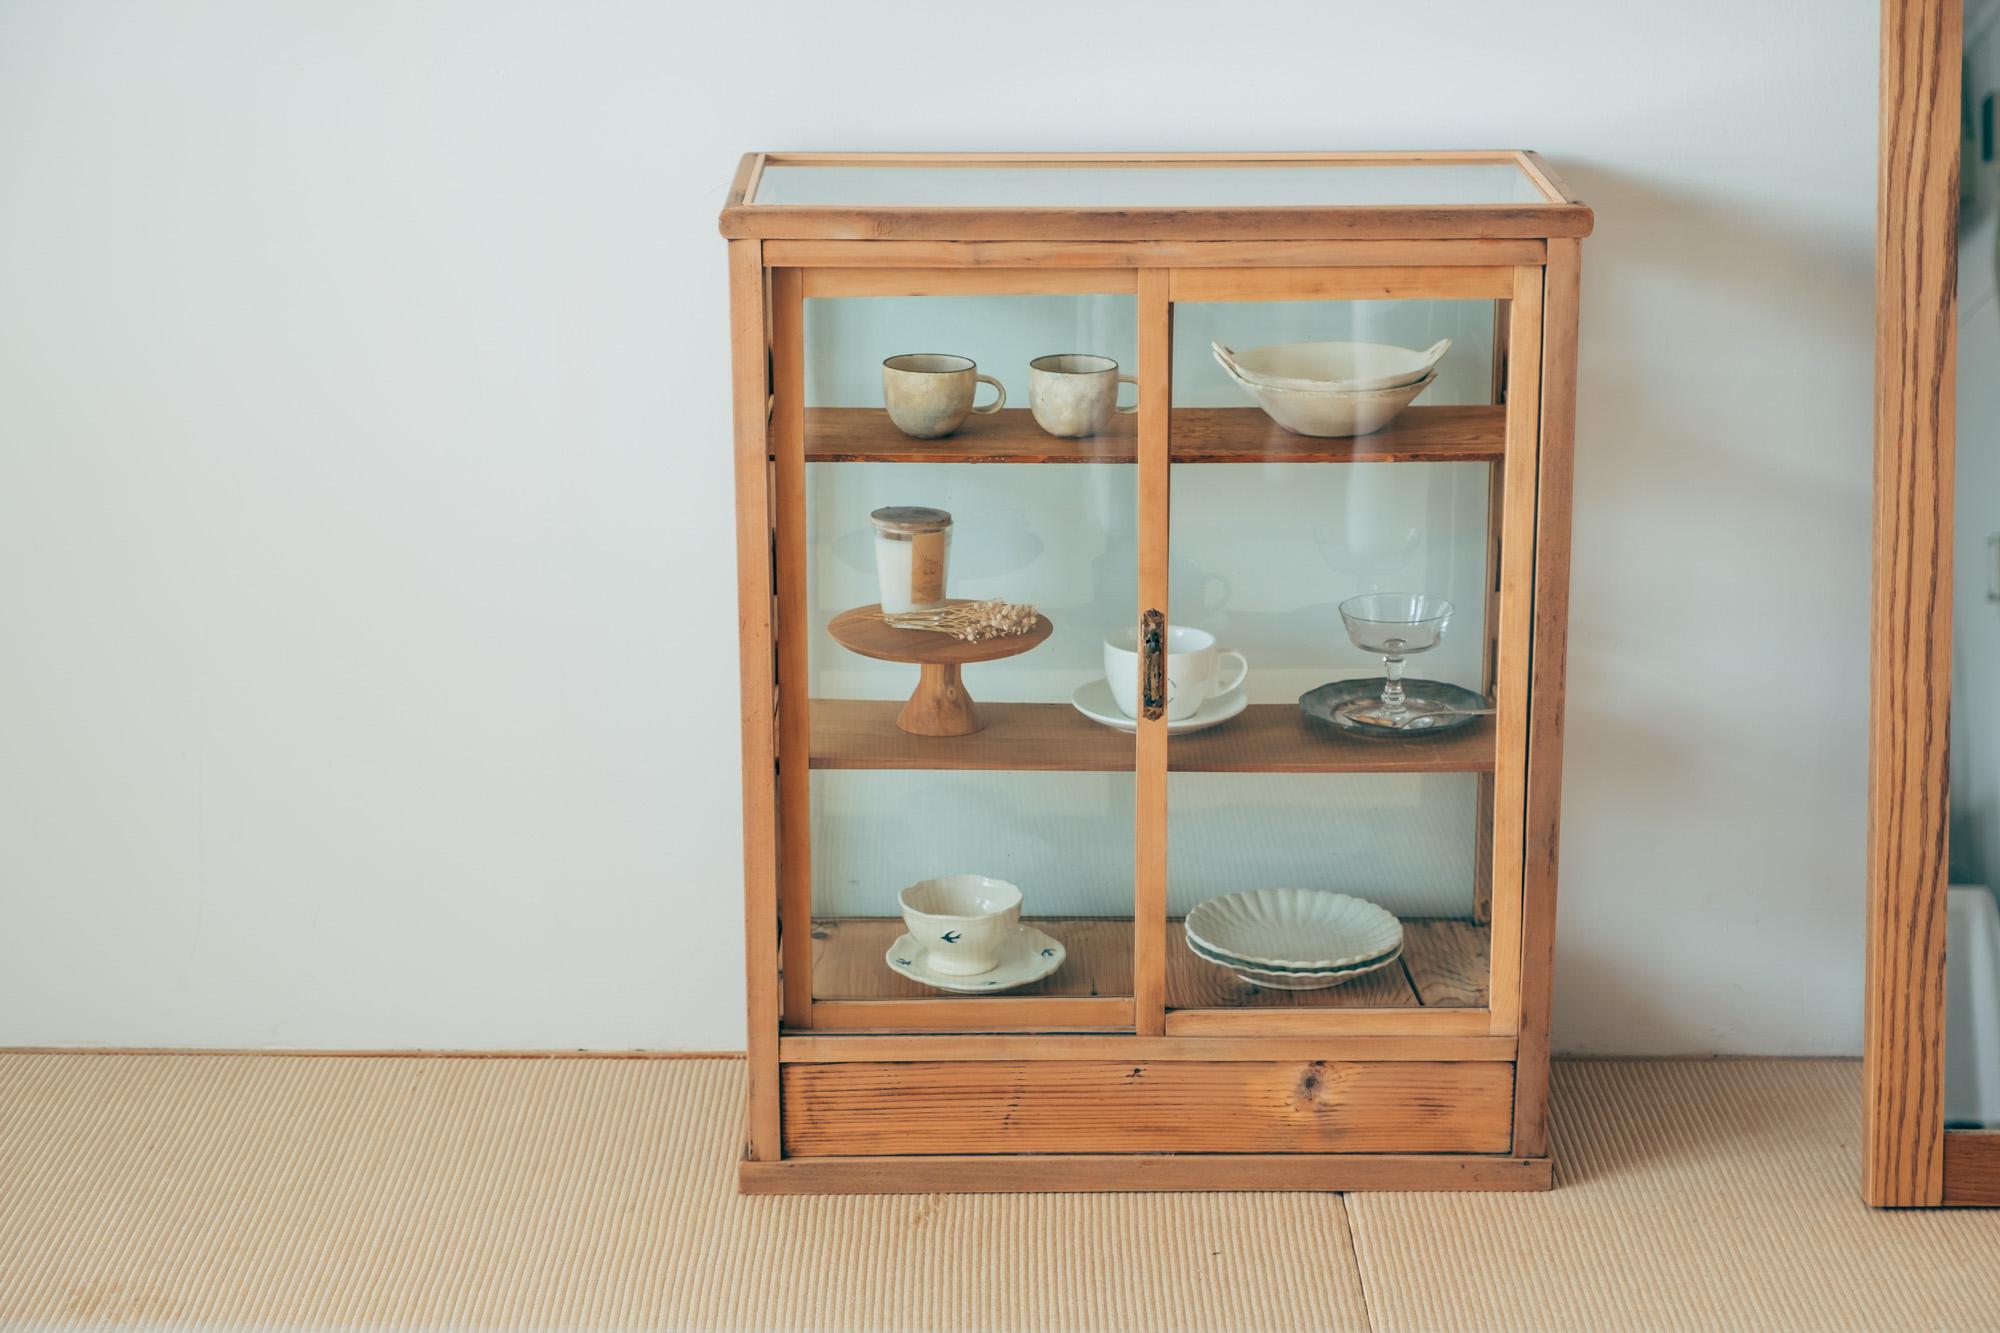 麻畳とも雰囲気ぴったりのこちらのガラスキャビネットは、Instagramで見つけた古道具屋さんで購入。